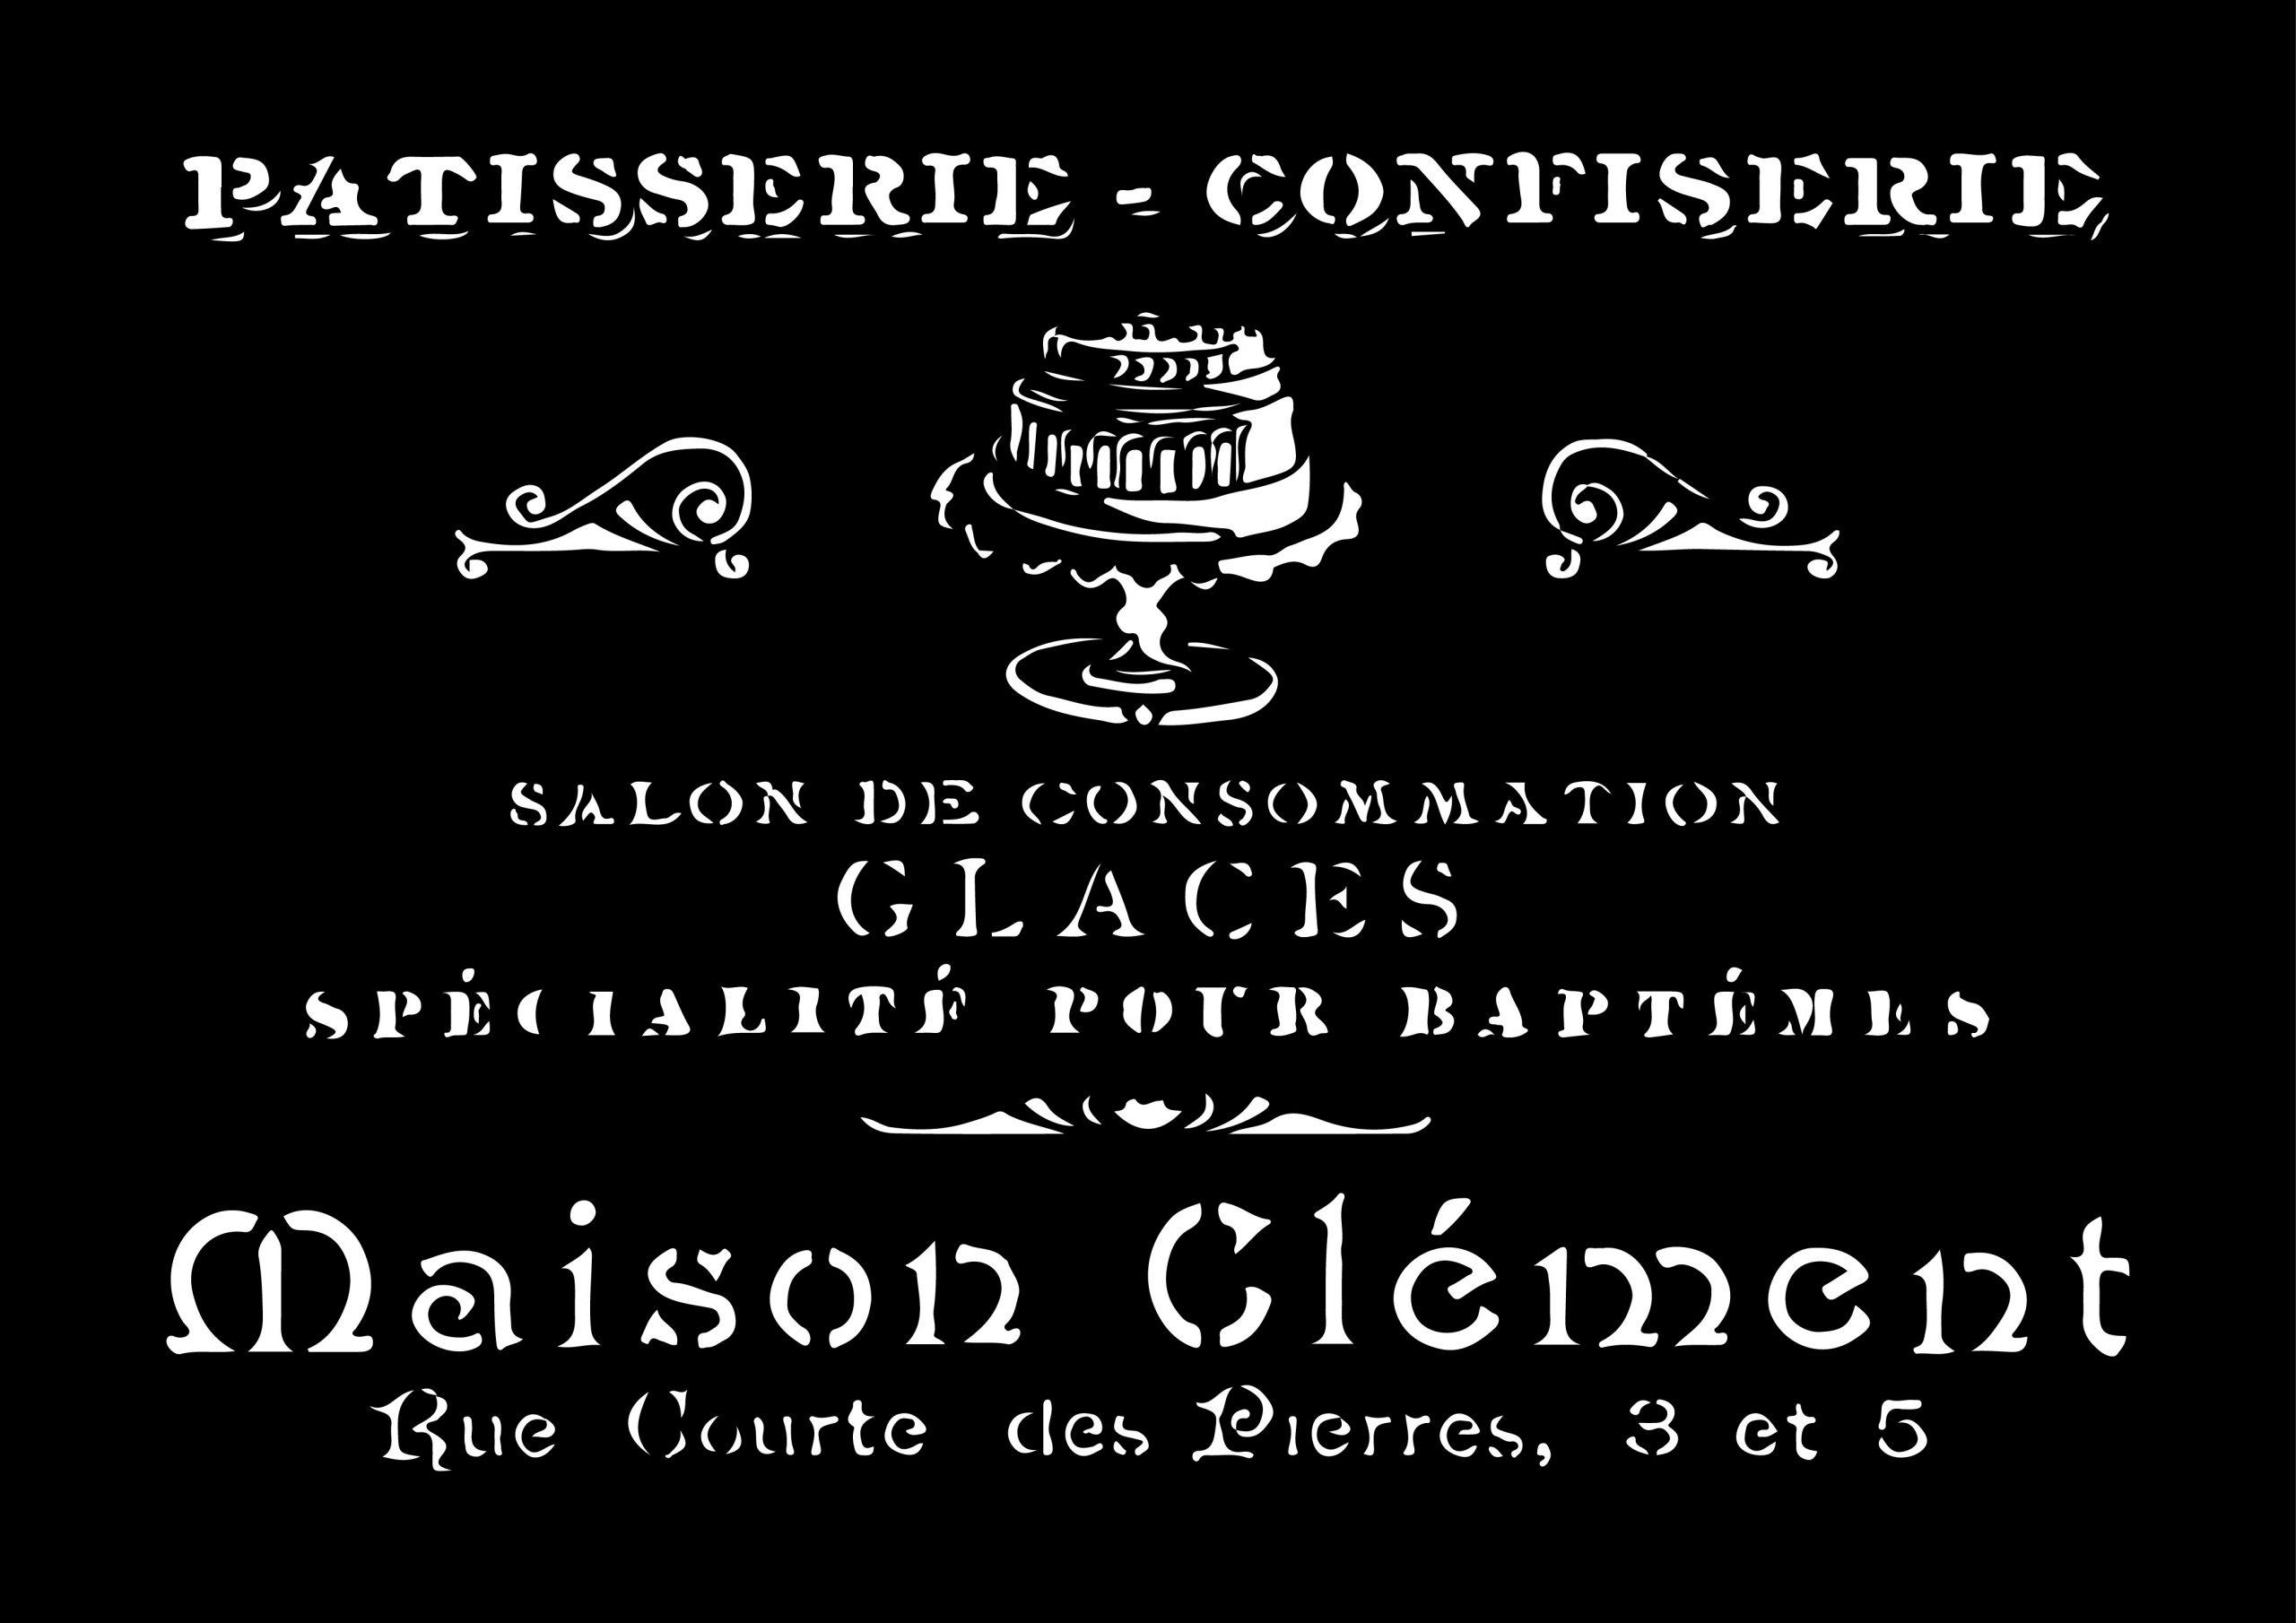 Maison Clement - 2